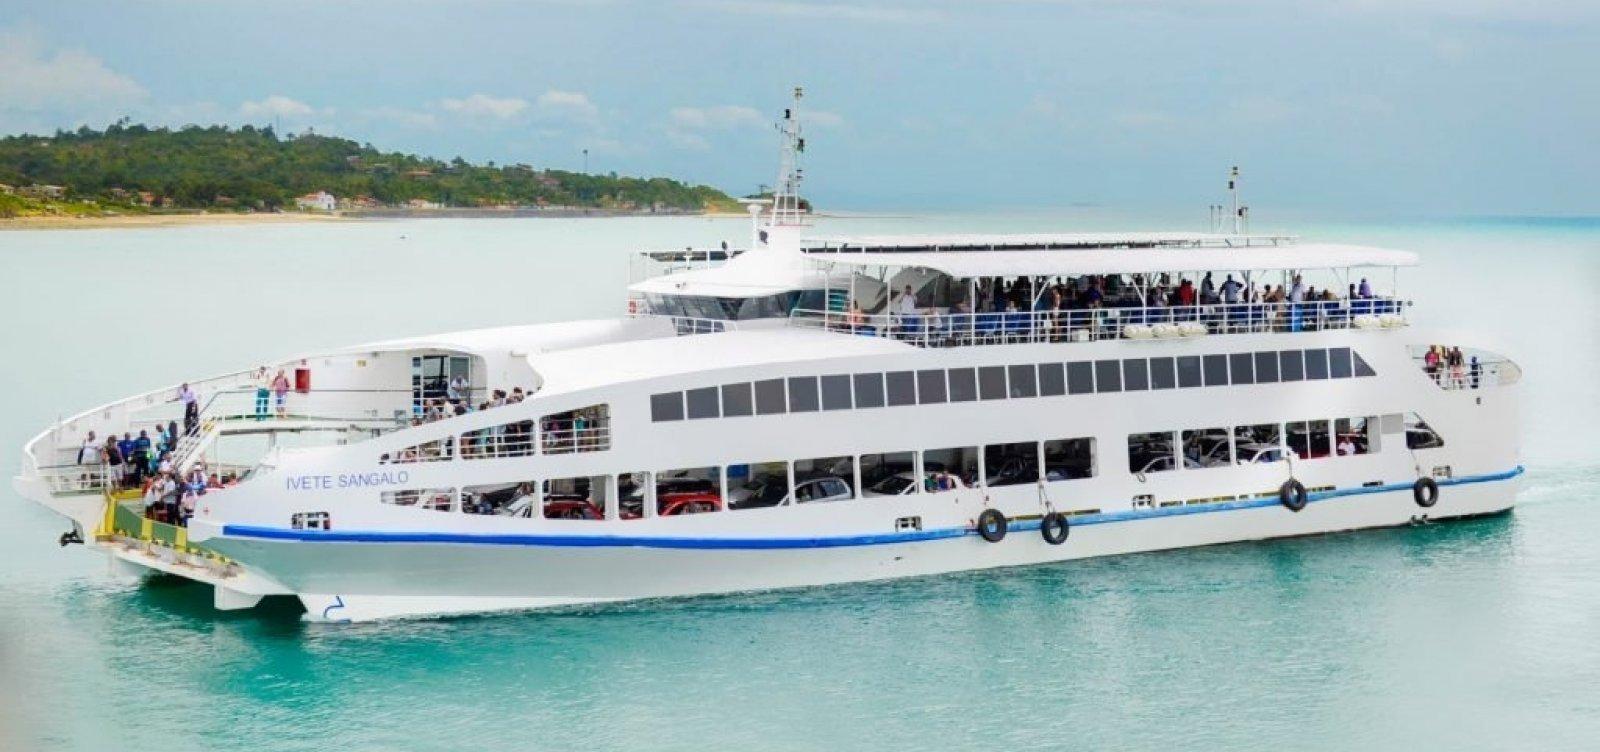 [Ferry: Salvador registra 1h30 de espera para veículos; embarque para pedestres é imediato]